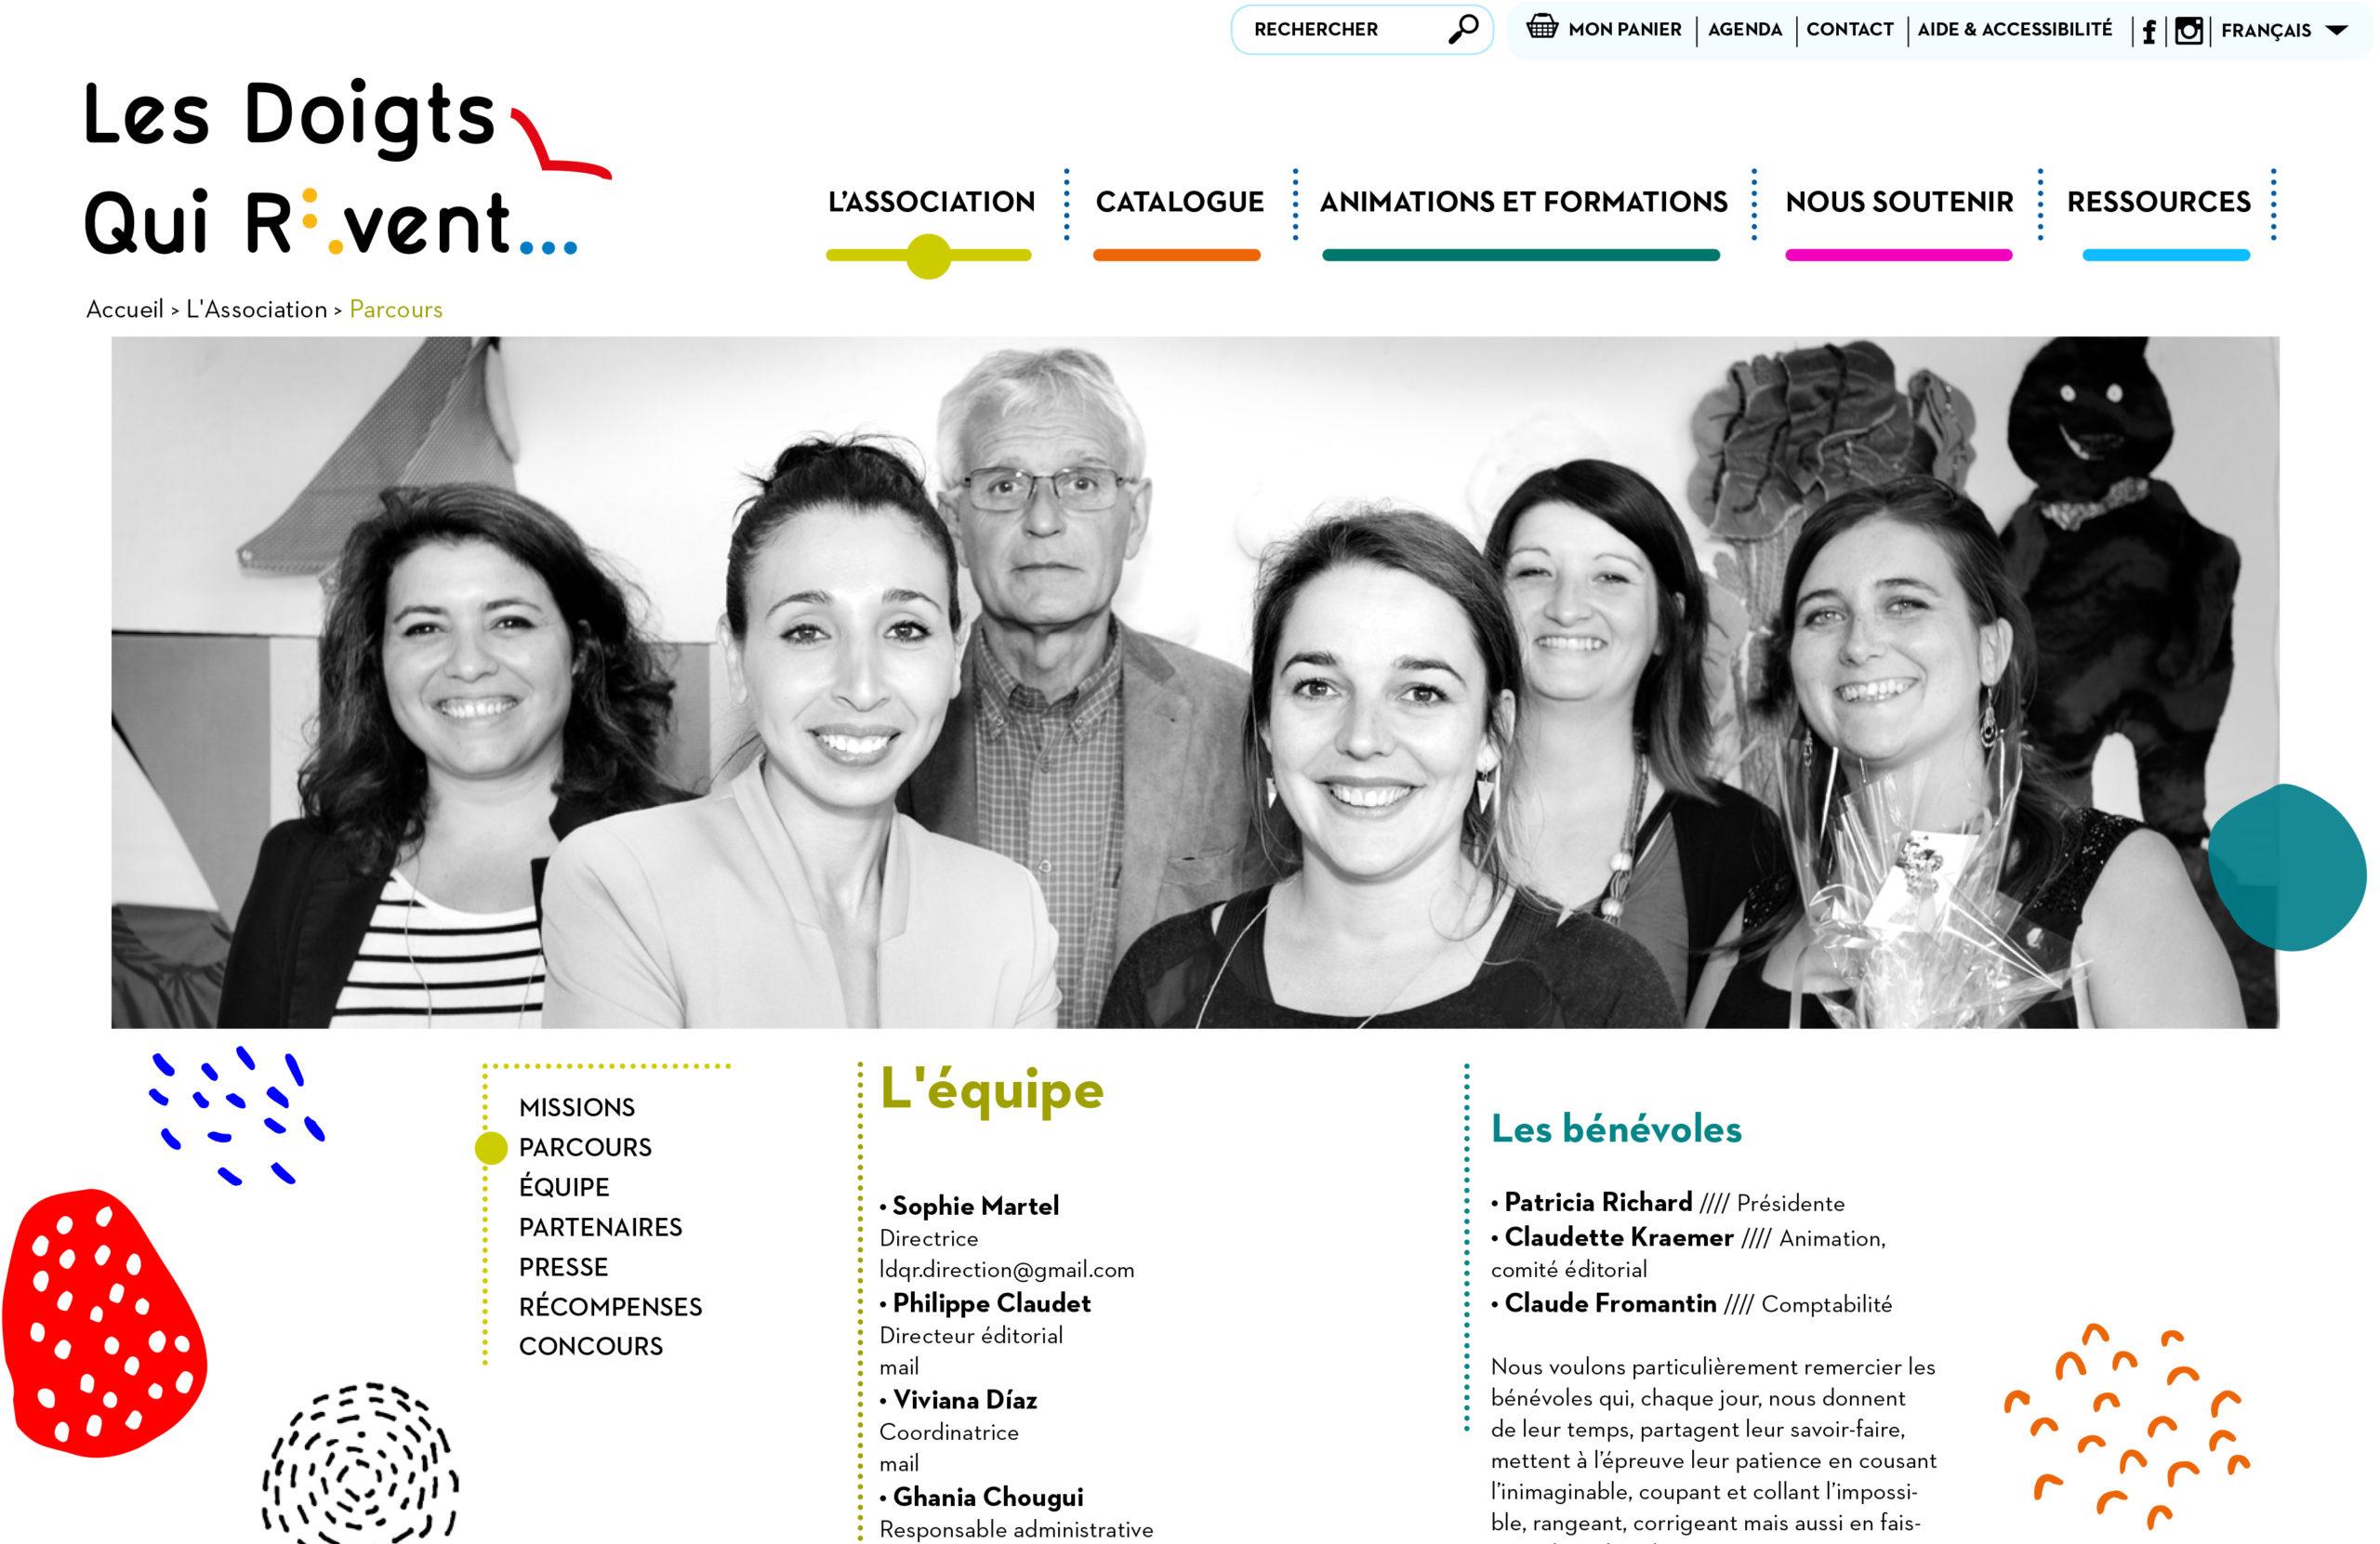 Pages-Asso-soutien-ressource-agenda-boutique-2